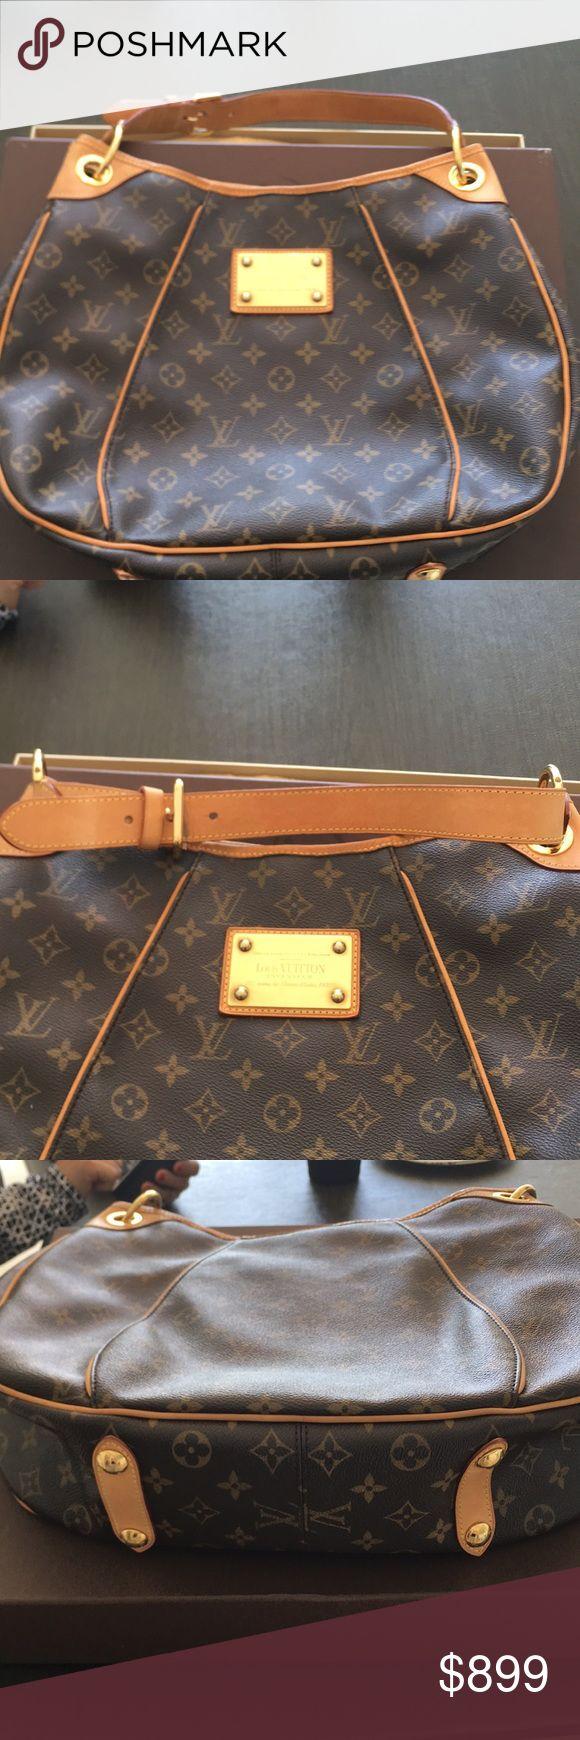 Authentic Louis Vuitton handbag Louis Vuitton shoulder bag Louis Vuitton Bags Shoulder Bags